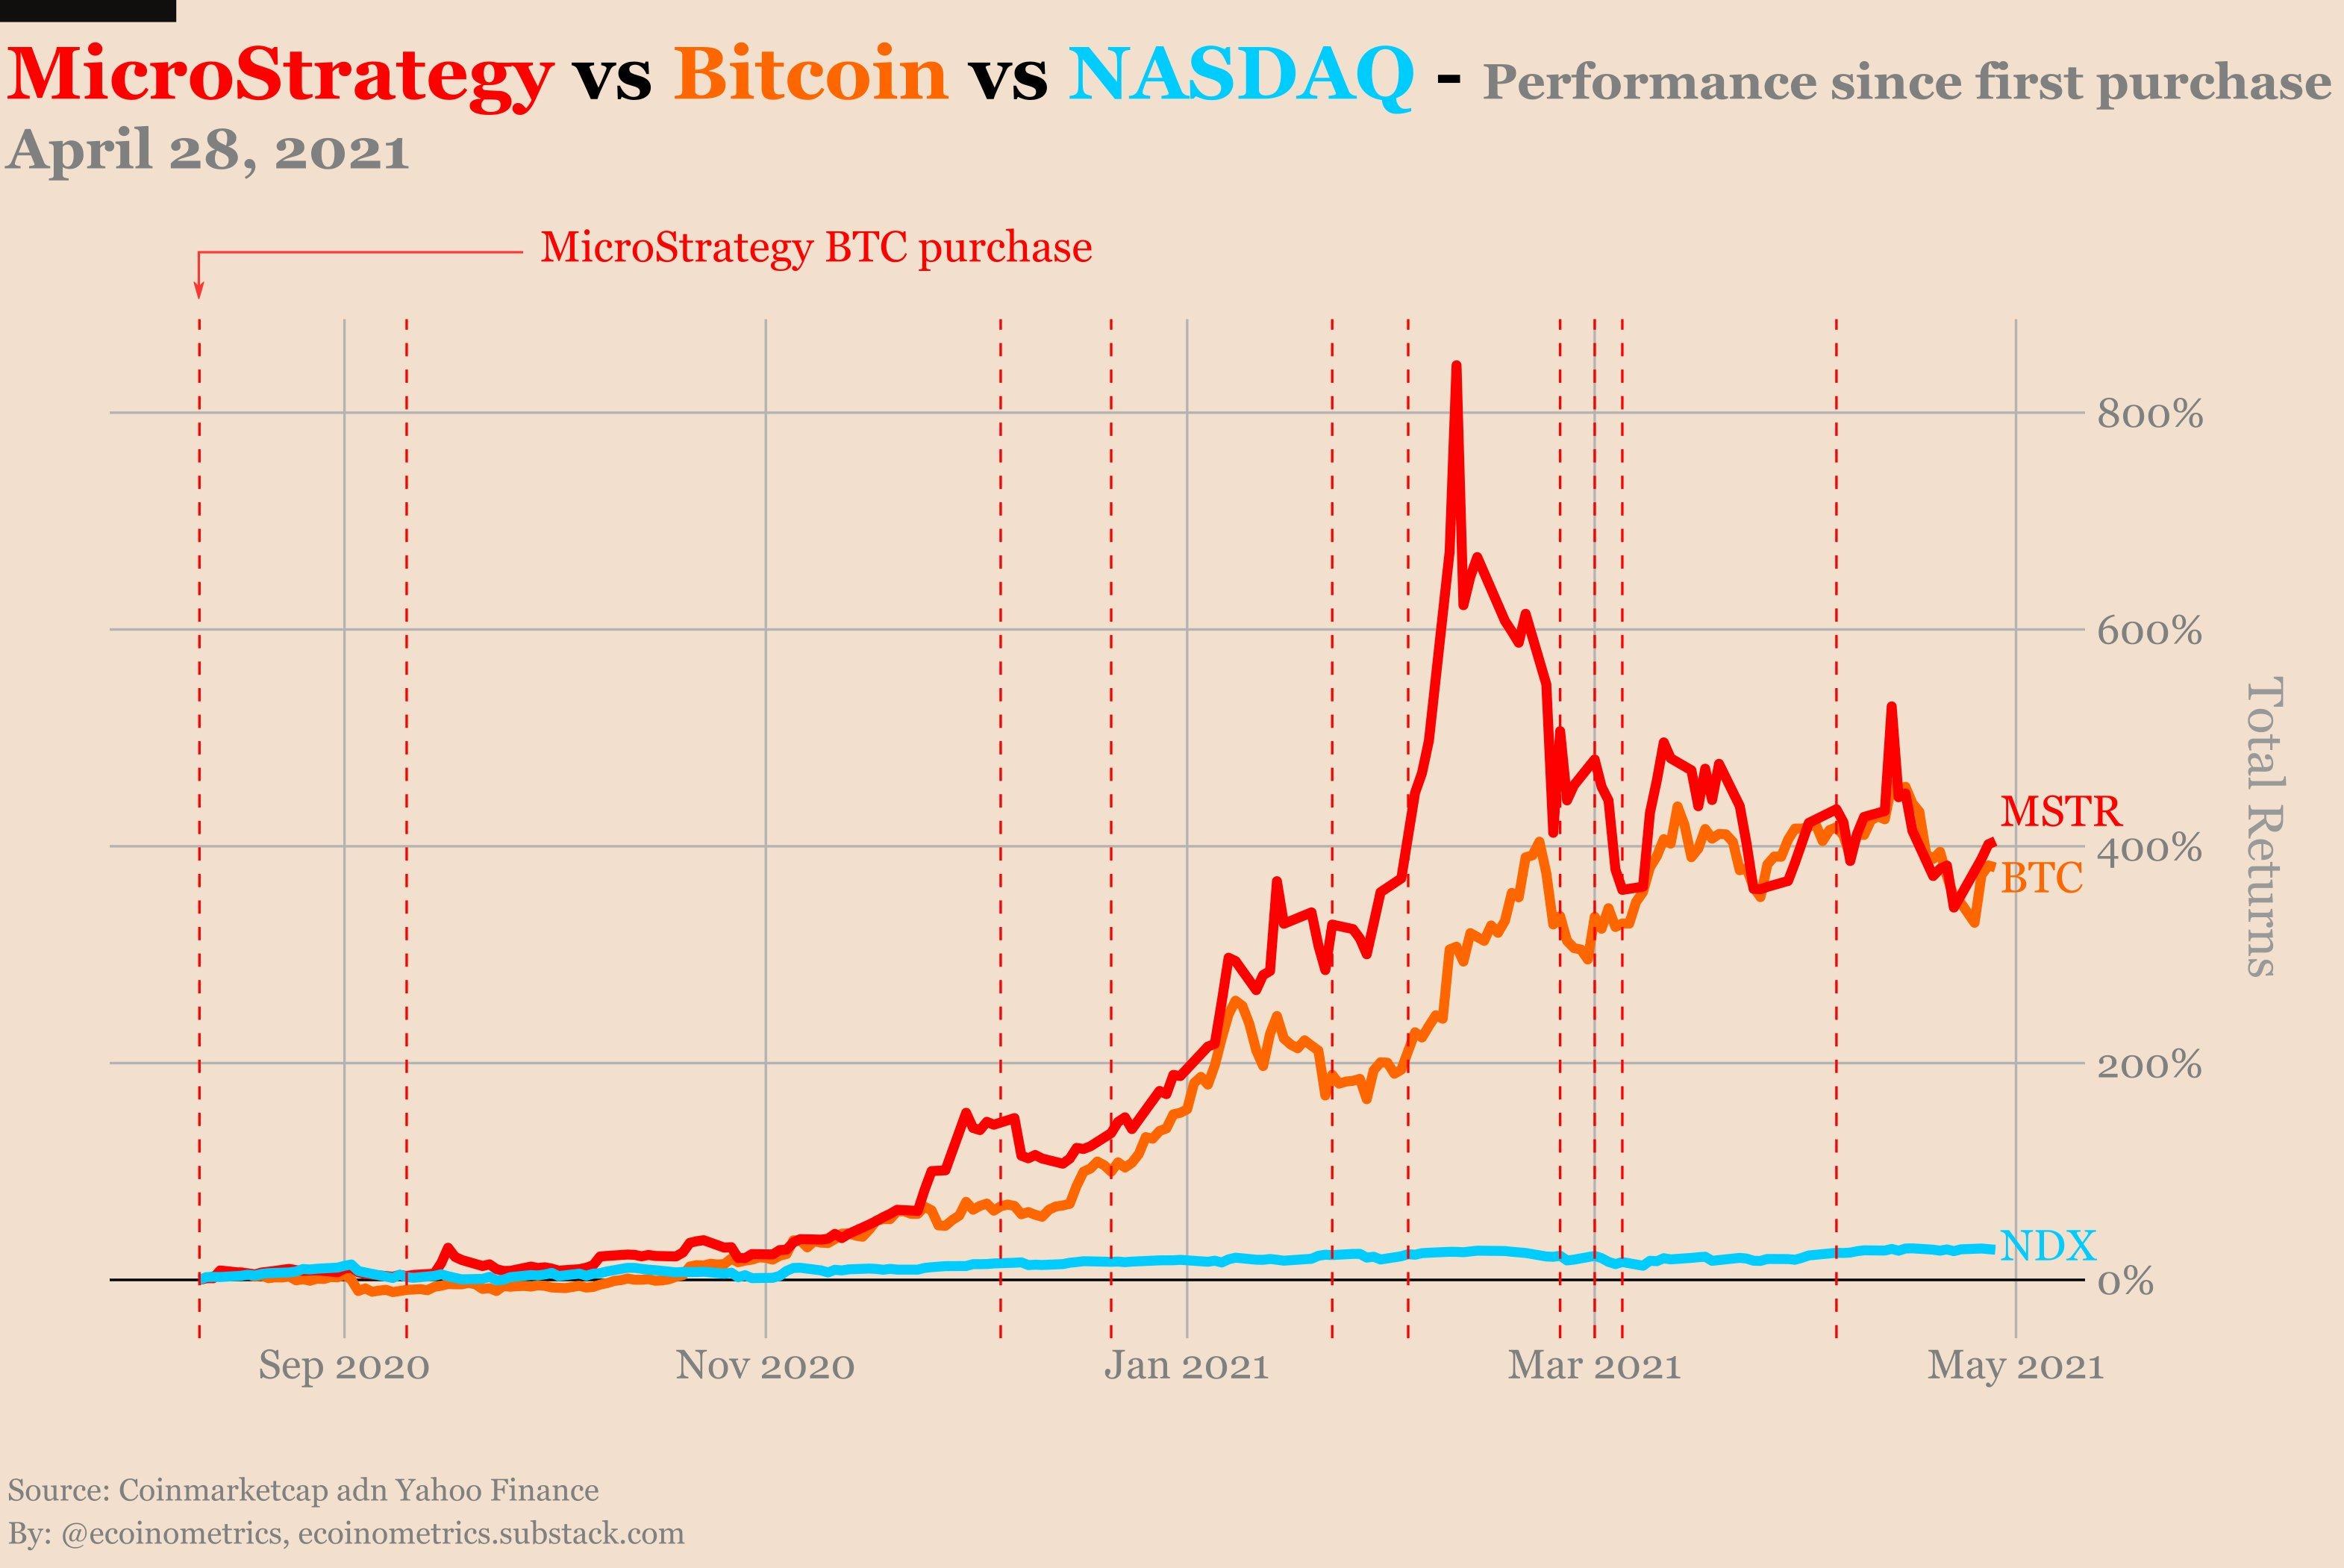 MicroStrategy contre Bitcoin